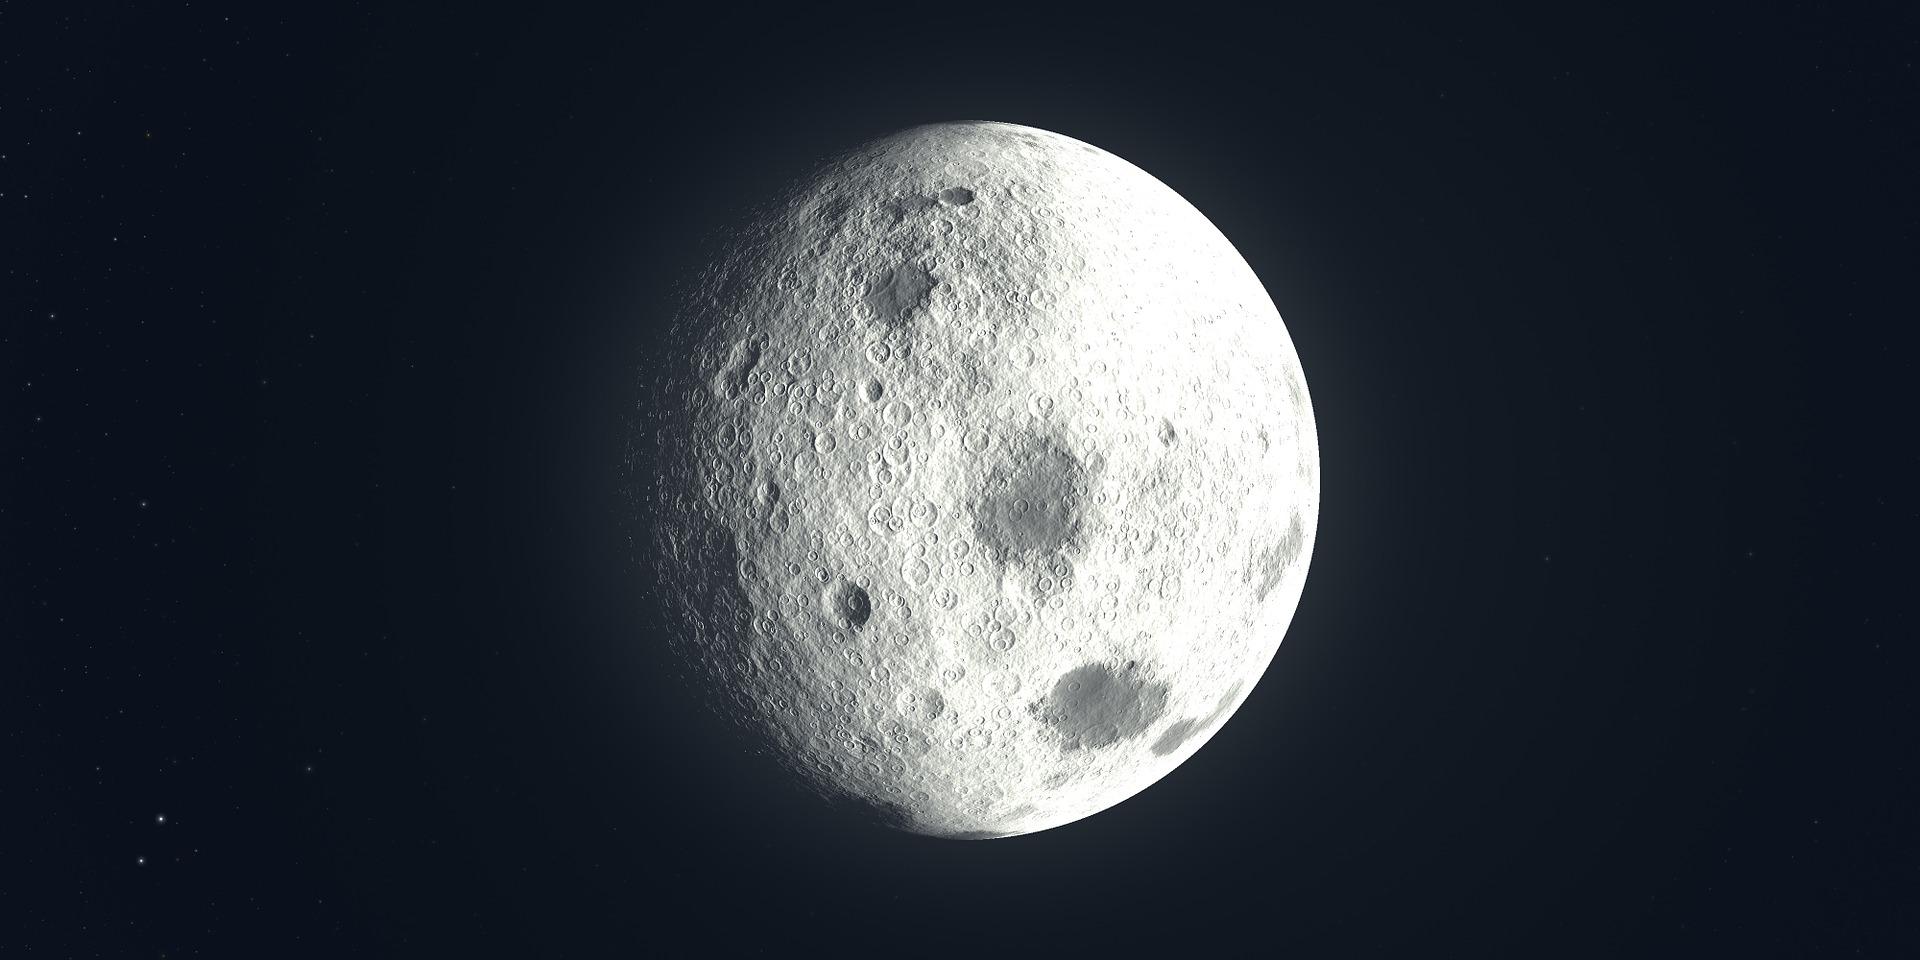 Luna, satellitare, spazio, universo, Astronomia - Sfondi HD - Professor-falken.com